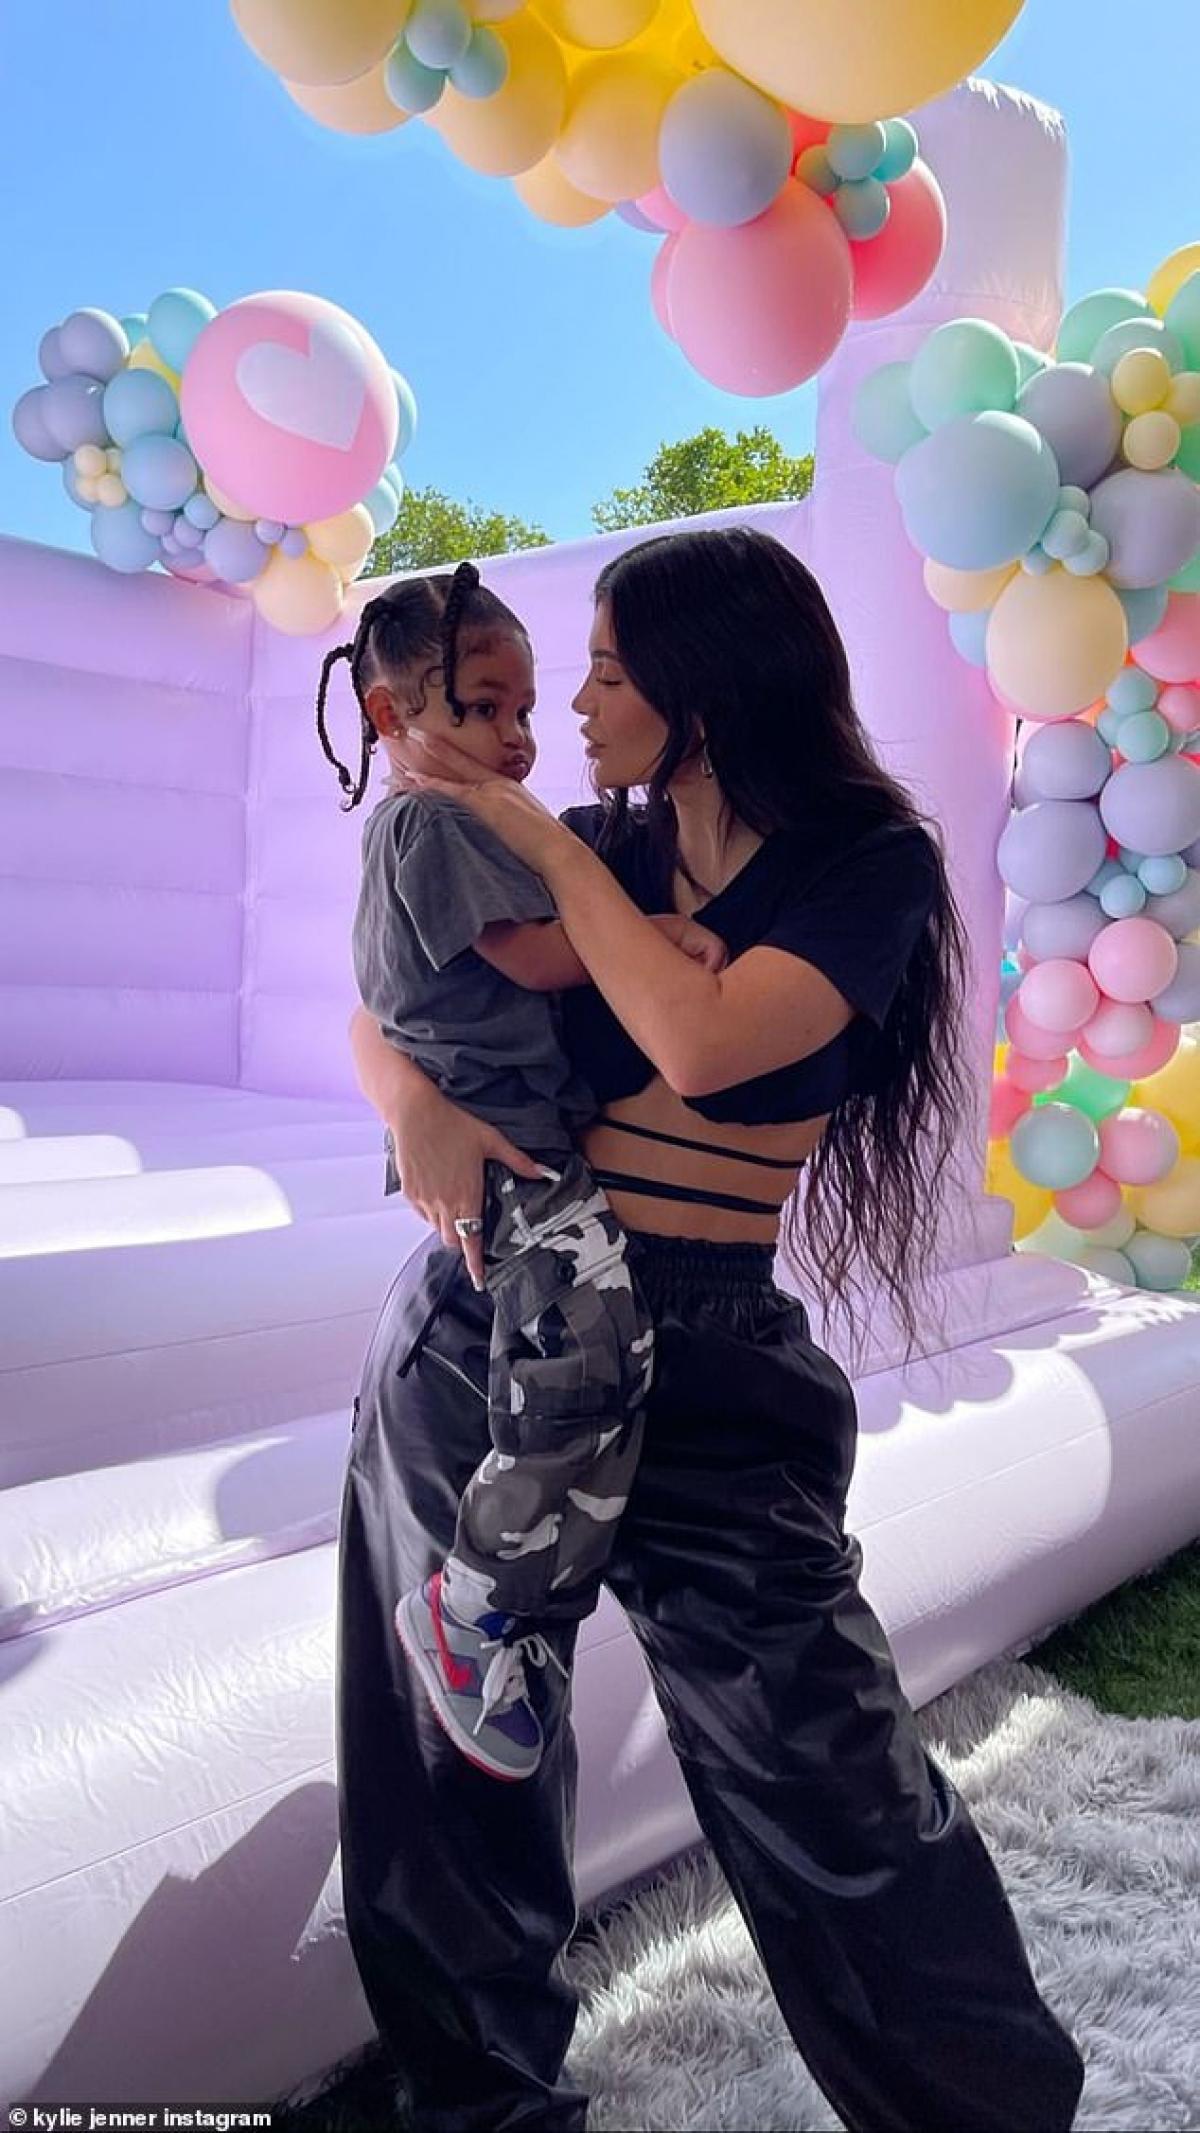 Mới đây, Kylie Jenner cùng con gái cưng Stormi đến dự bữa tiệc sinh nhật của bé True Thompson - con gái Khloe Kardashian tại nhà riêng ở Hidden Hills.